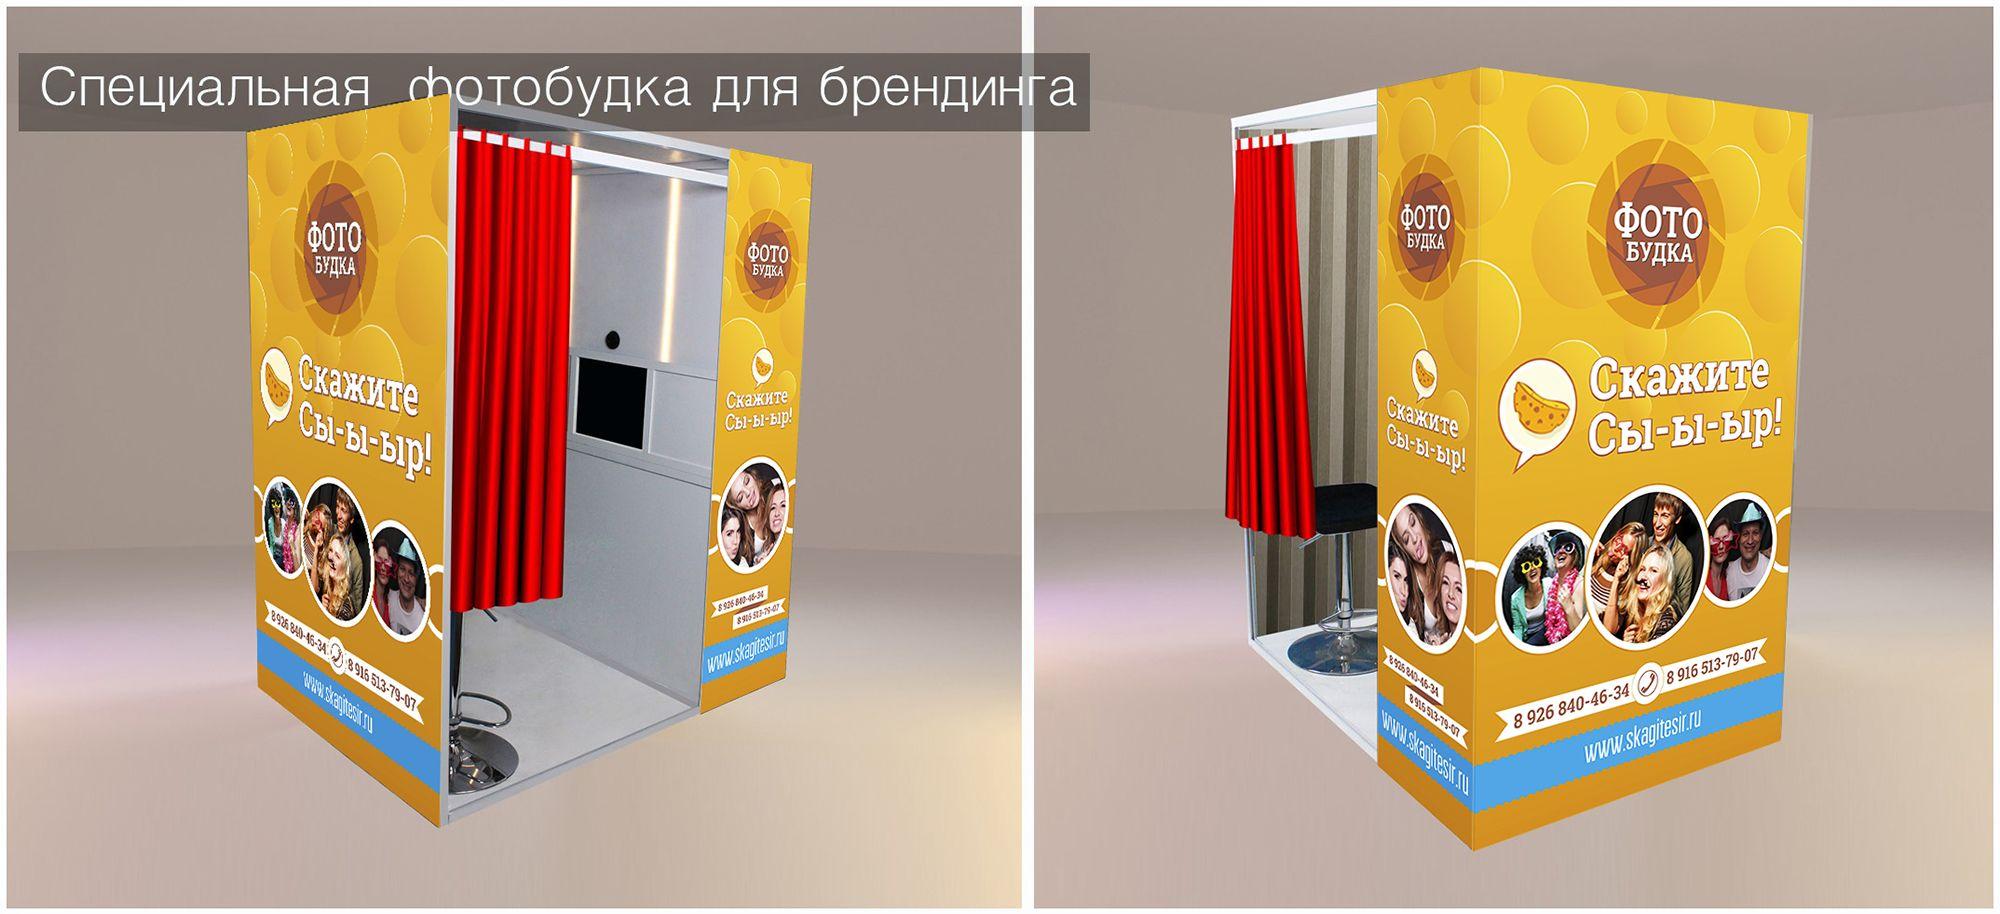 Оформление фотокабины (2 больших баннера) - дизайнер AlexSh1978